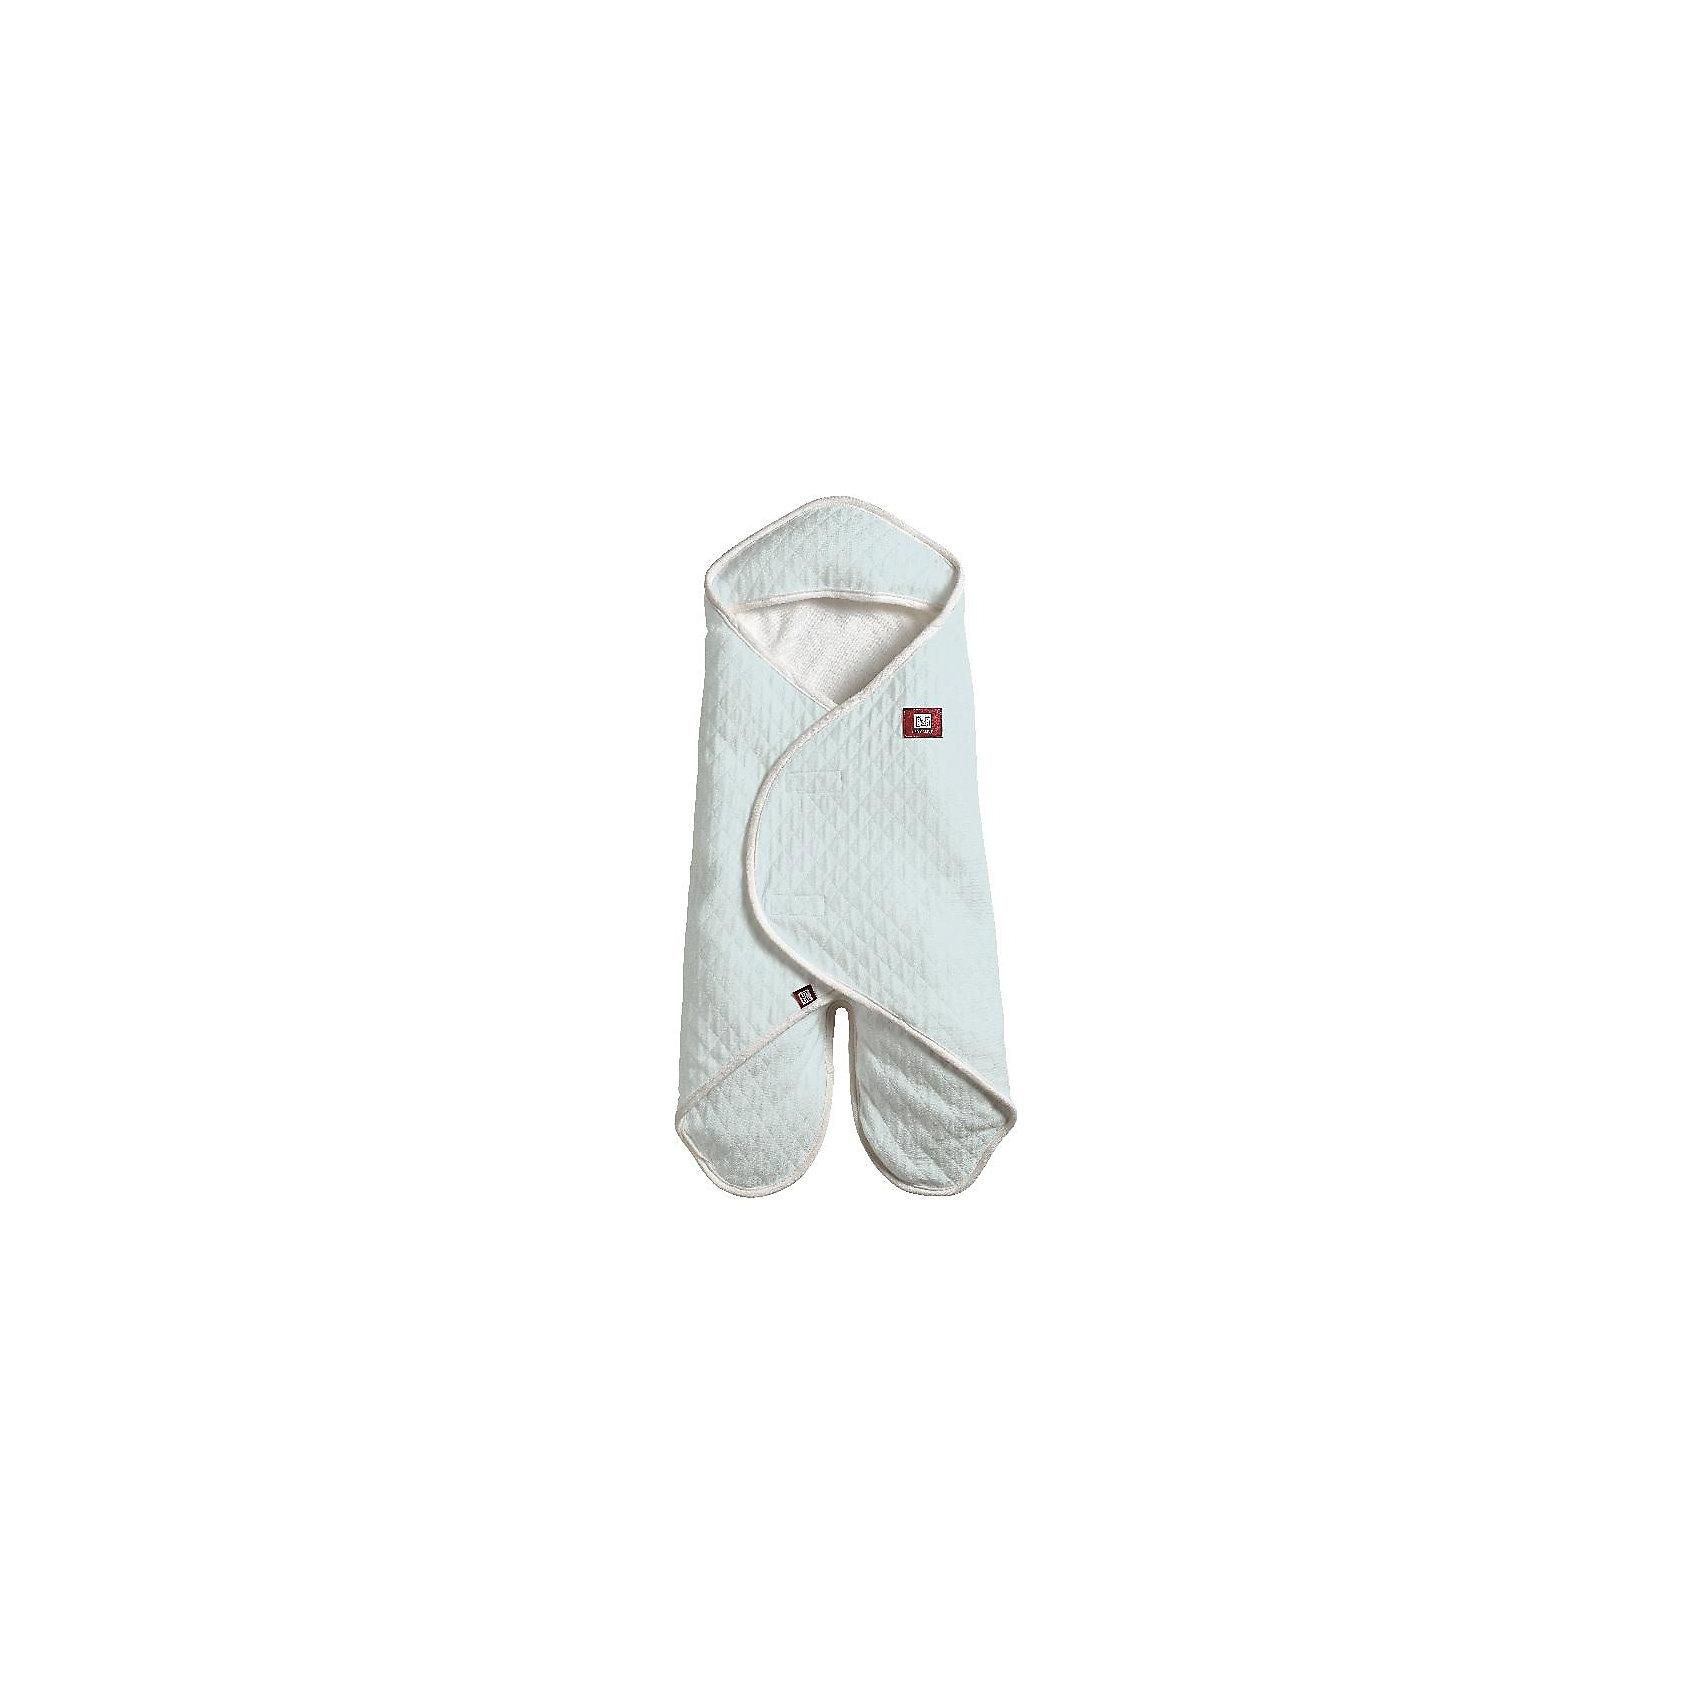 Конверт из хлопка, BBNOMADE FDC LEGER, 0-6 мес., Blue Pouder, Red CastleПеленание<br>Babynomade® - эргономичное одеяло, позволяющее быстро и без особого труда укутать малыша во время прогулок. Мультифункциональное, практичное, вы можете использовать его, начиная с выписки из роддома.<br><br>Нежная качественная ткань.<br>Капюшон, защищающий головку малыша.<br>Два отверстия на спине, зарывающиеся с помощью молний, позволяют перевозить малыша в автокресле с 3 и 5-точечными ремнями безопасности.<br><br>Пояс с липучкой для фиксации одеяла.<br><br>Отвороты позволяют полностью раскрыть малыша.<br>Специальные выемки для ножек, позволят малышу быть в тепле и не раскрываться.<br>Выбор различного материала: см. Характеристики. Детское одеяло с ножками, без рукавов, удобное и простое в использовании.<br>Форма, повторяющая изгиб плеч для более удобного использования с 3-точечными ремнями безопасности.<br>Удобный просторный капюшон.<br>Застежка на липучке позволяет не беспокоя укутать малыша.<br>Высококачественный легкий хлопок Fleur de Coton®. Использование :<br><br>На улице : В автокресле, в люльке, в переноске или на руках.<br><br>Уход :<br><br>Машинная стирка 30°<br><br>Ширина мм: 660<br>Глубина мм: 320<br>Высота мм: 10<br>Вес г: 730<br>Возраст от месяцев: 0<br>Возраст до месяцев: 6<br>Пол: Мужской<br>Возраст: Детский<br>SKU: 5543599